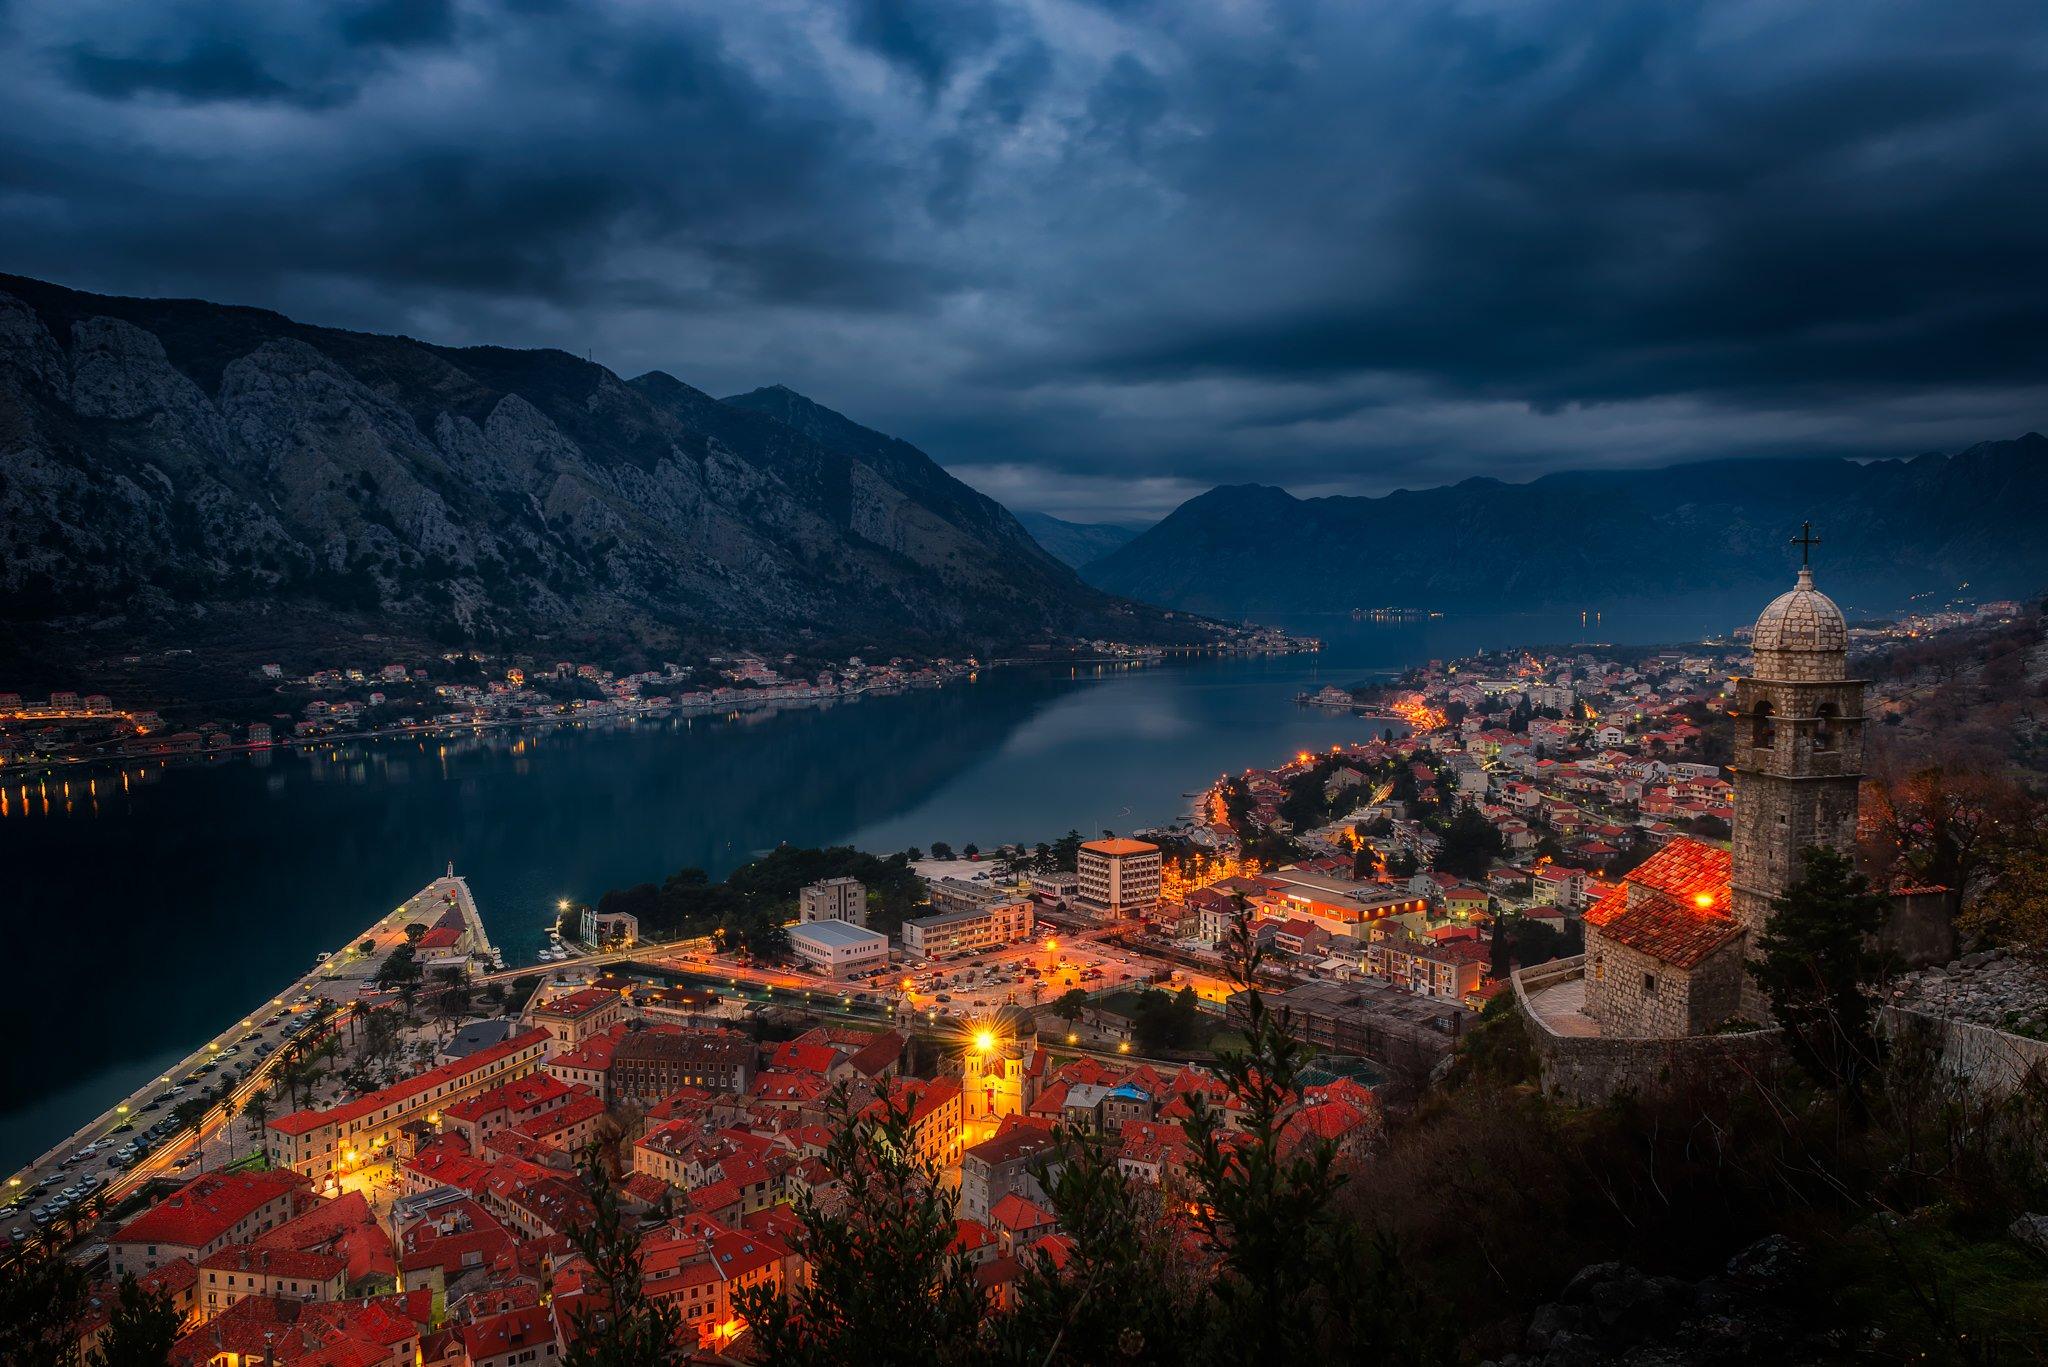 Brudny widok na zatokę w nocy | Kotor, Czarnogóra